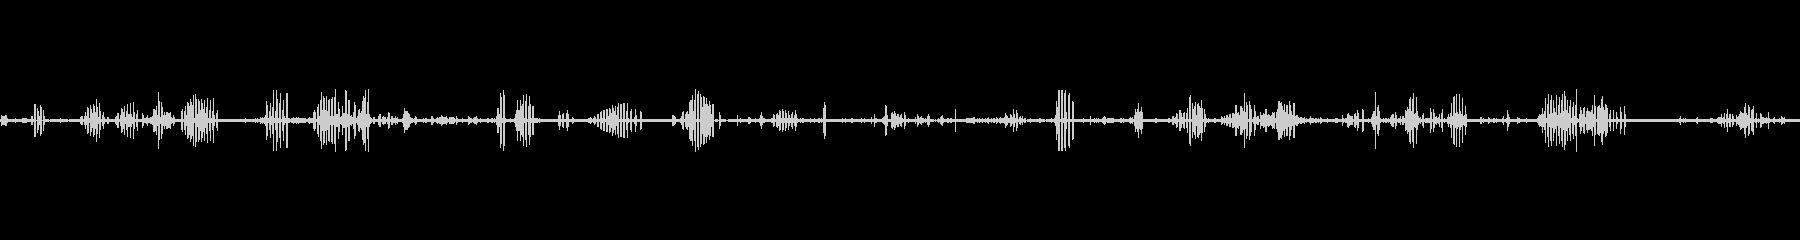 鳥カモメスコーク鳴き声クアの未再生の波形